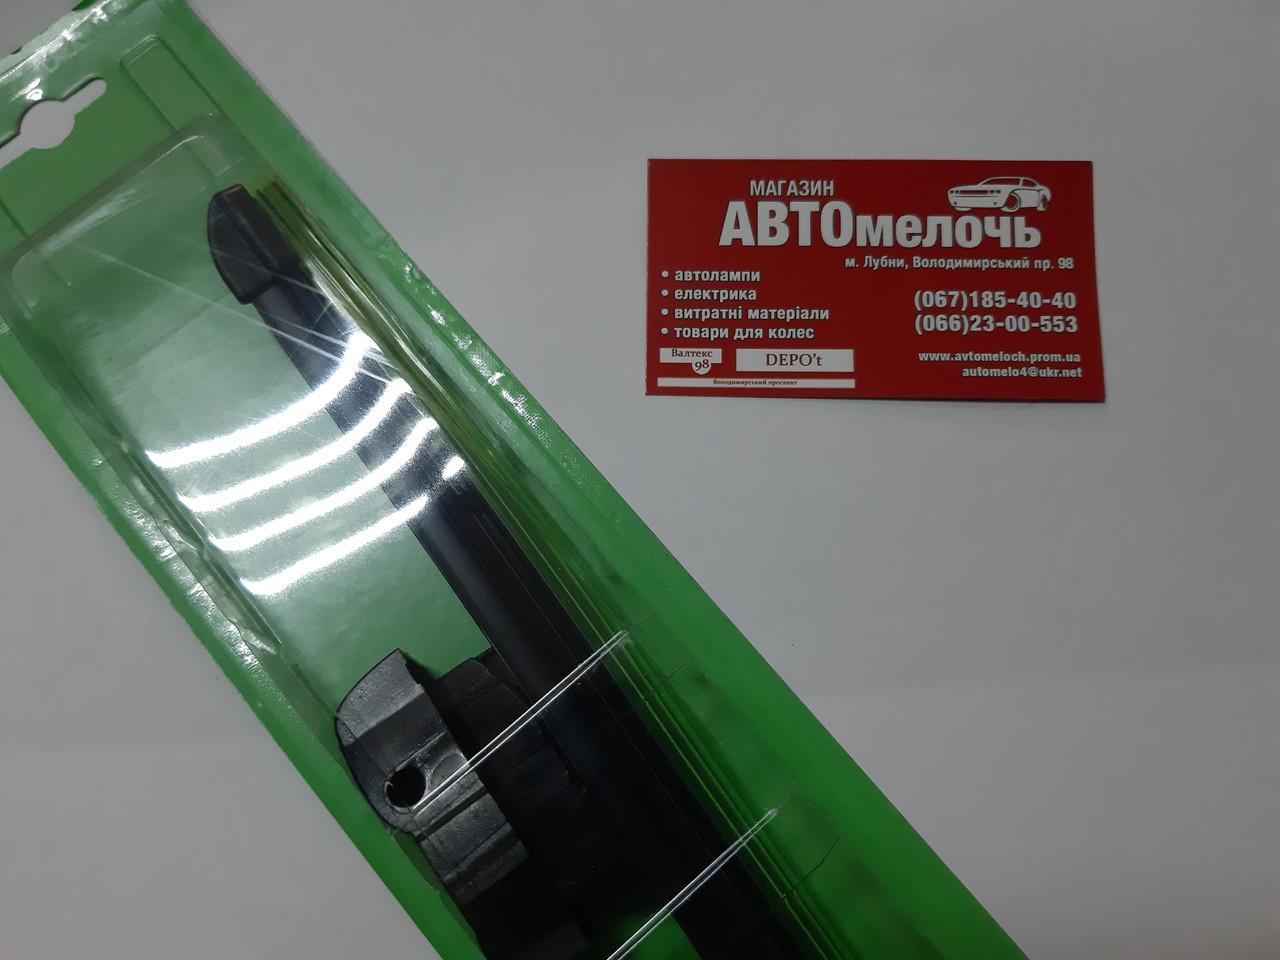 Щетка стеклоочистителя бескаркасная с переходниками 500 мм пр-во Profit